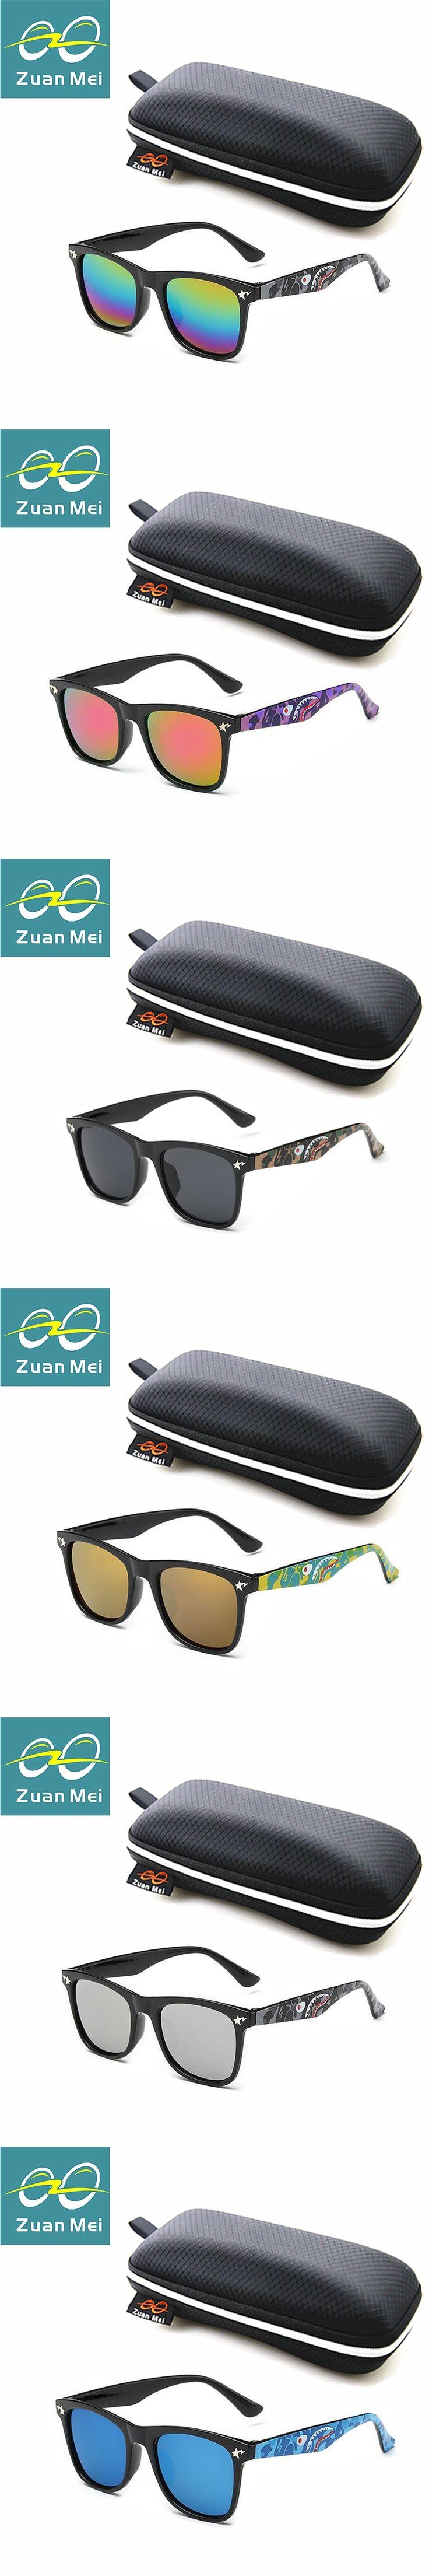 Zuan Mei Brand Pilot Kids Sunglasses Boys Baby Sunglasses Girls Children Glasses Sun Glasses For Boys Gafas De Sol Ninos R15604